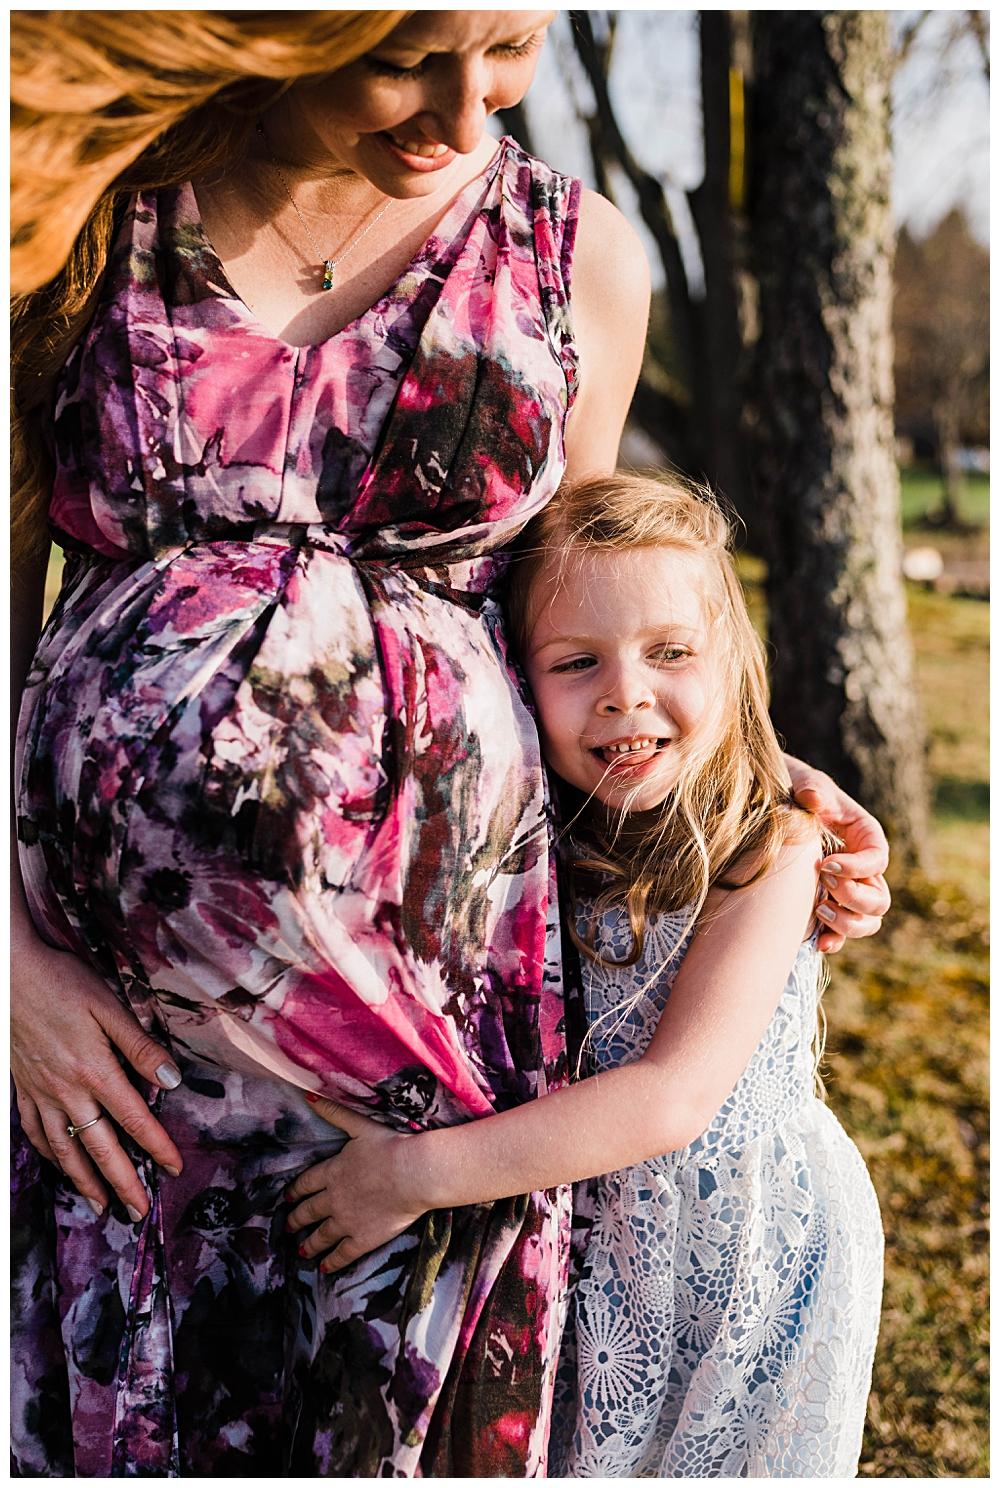 Adirondack Family Photographer- Great Sacandaga Lake NY_0028.jpg